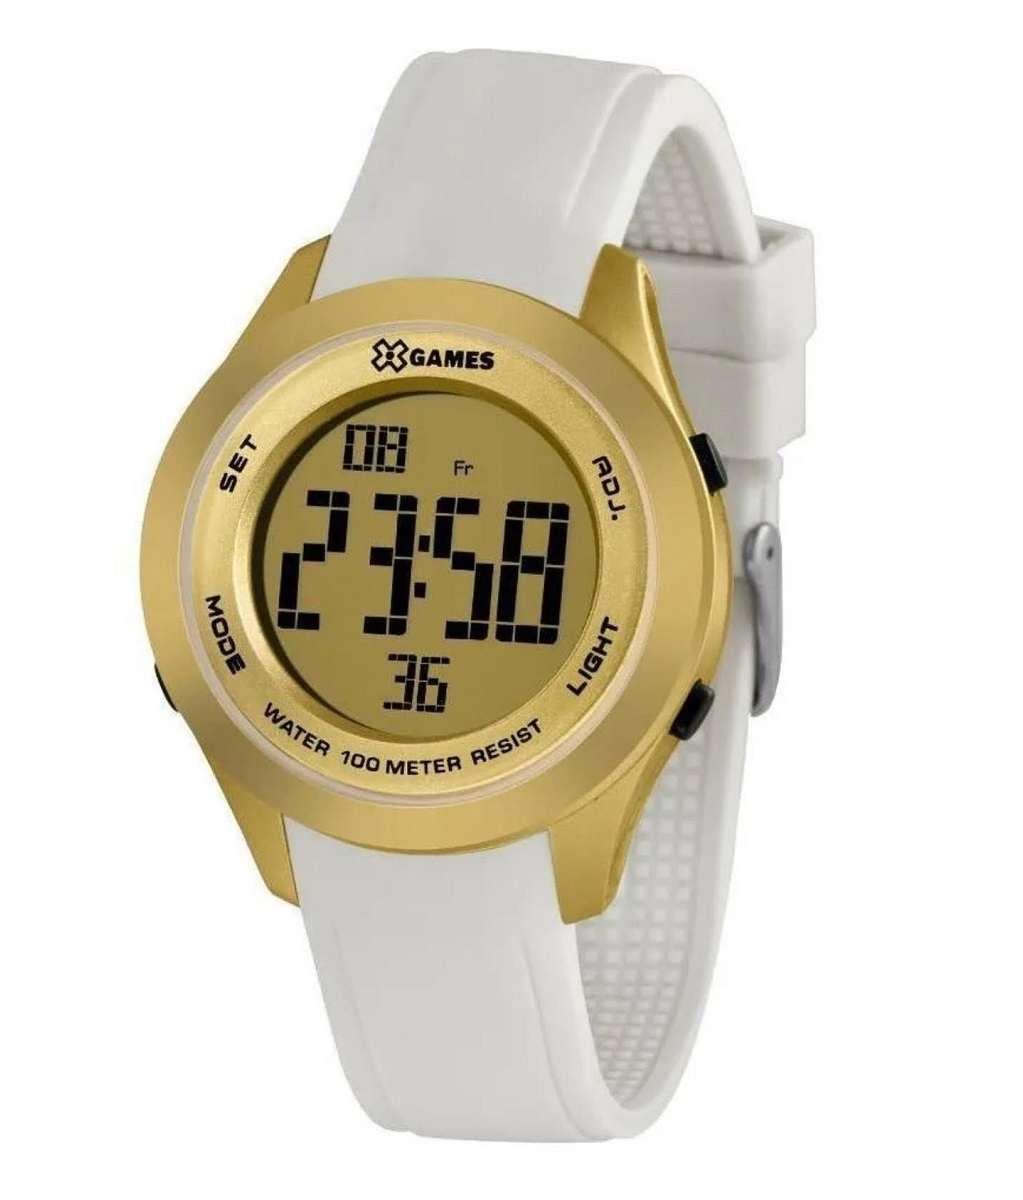 Relógio Xgame Feminino Digital Dourado Pulseira Silicone Branca XMPPD598 CXBX